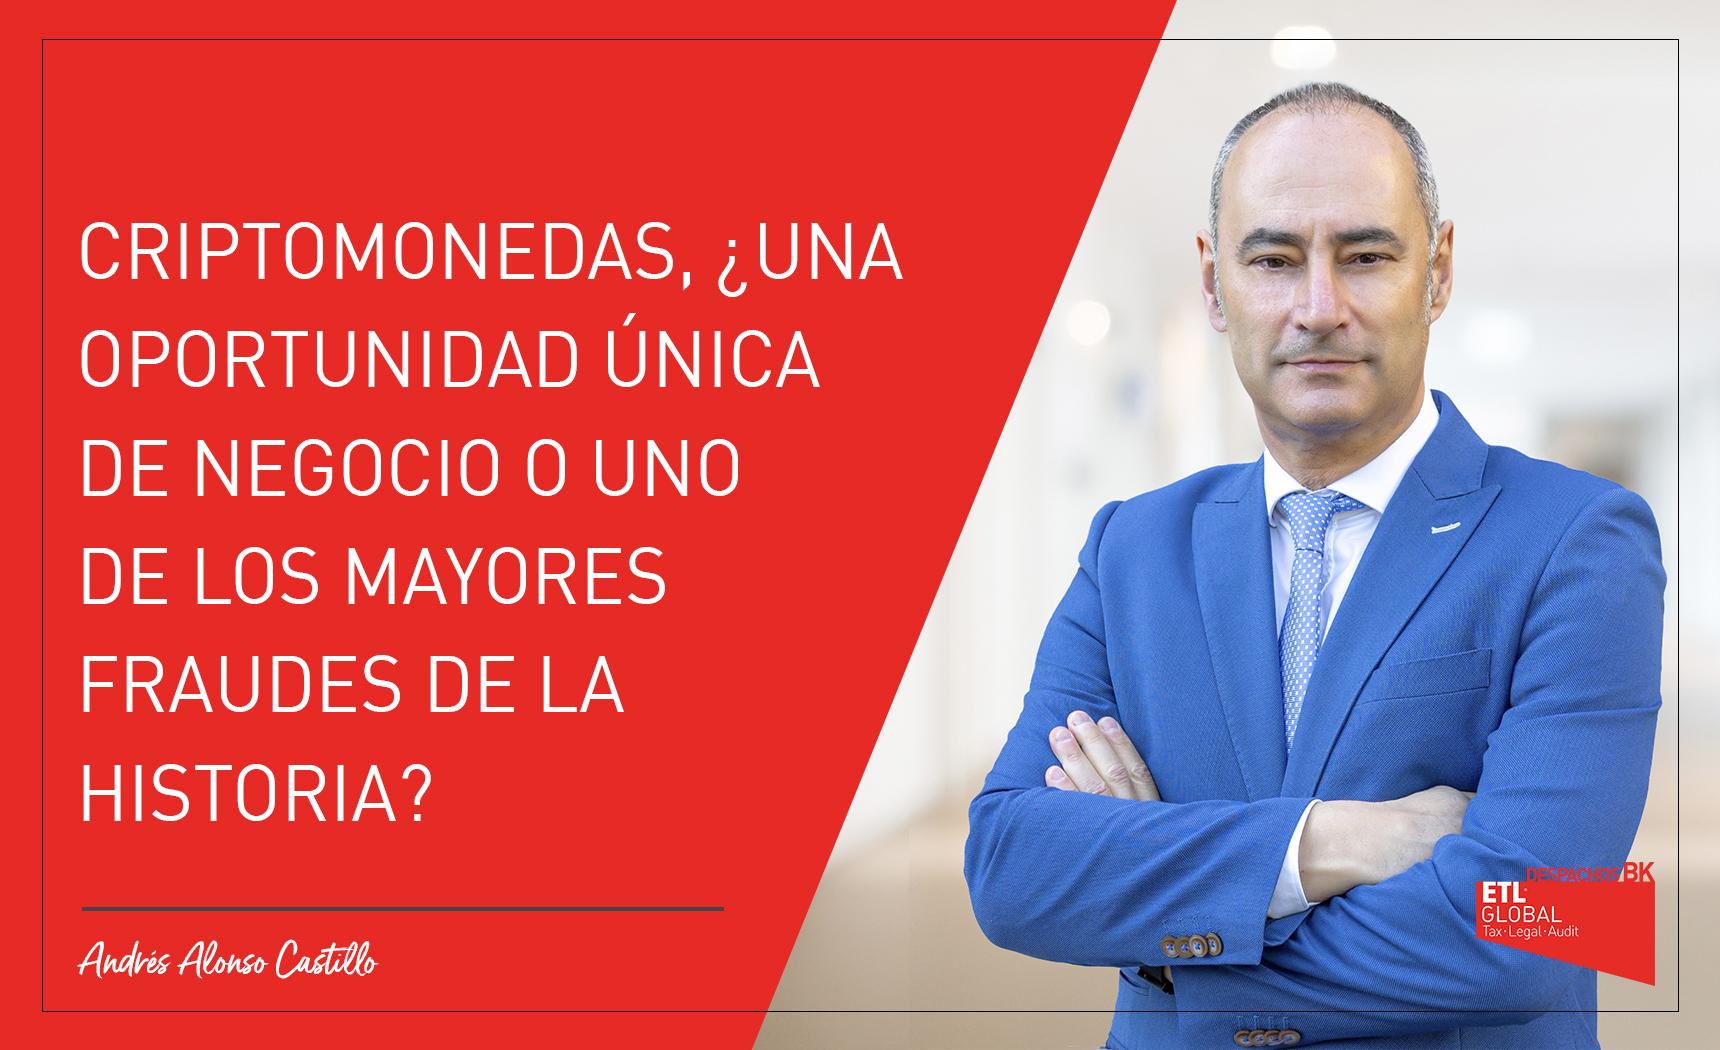 Criptomonedas - Andrés Alonso Castillo